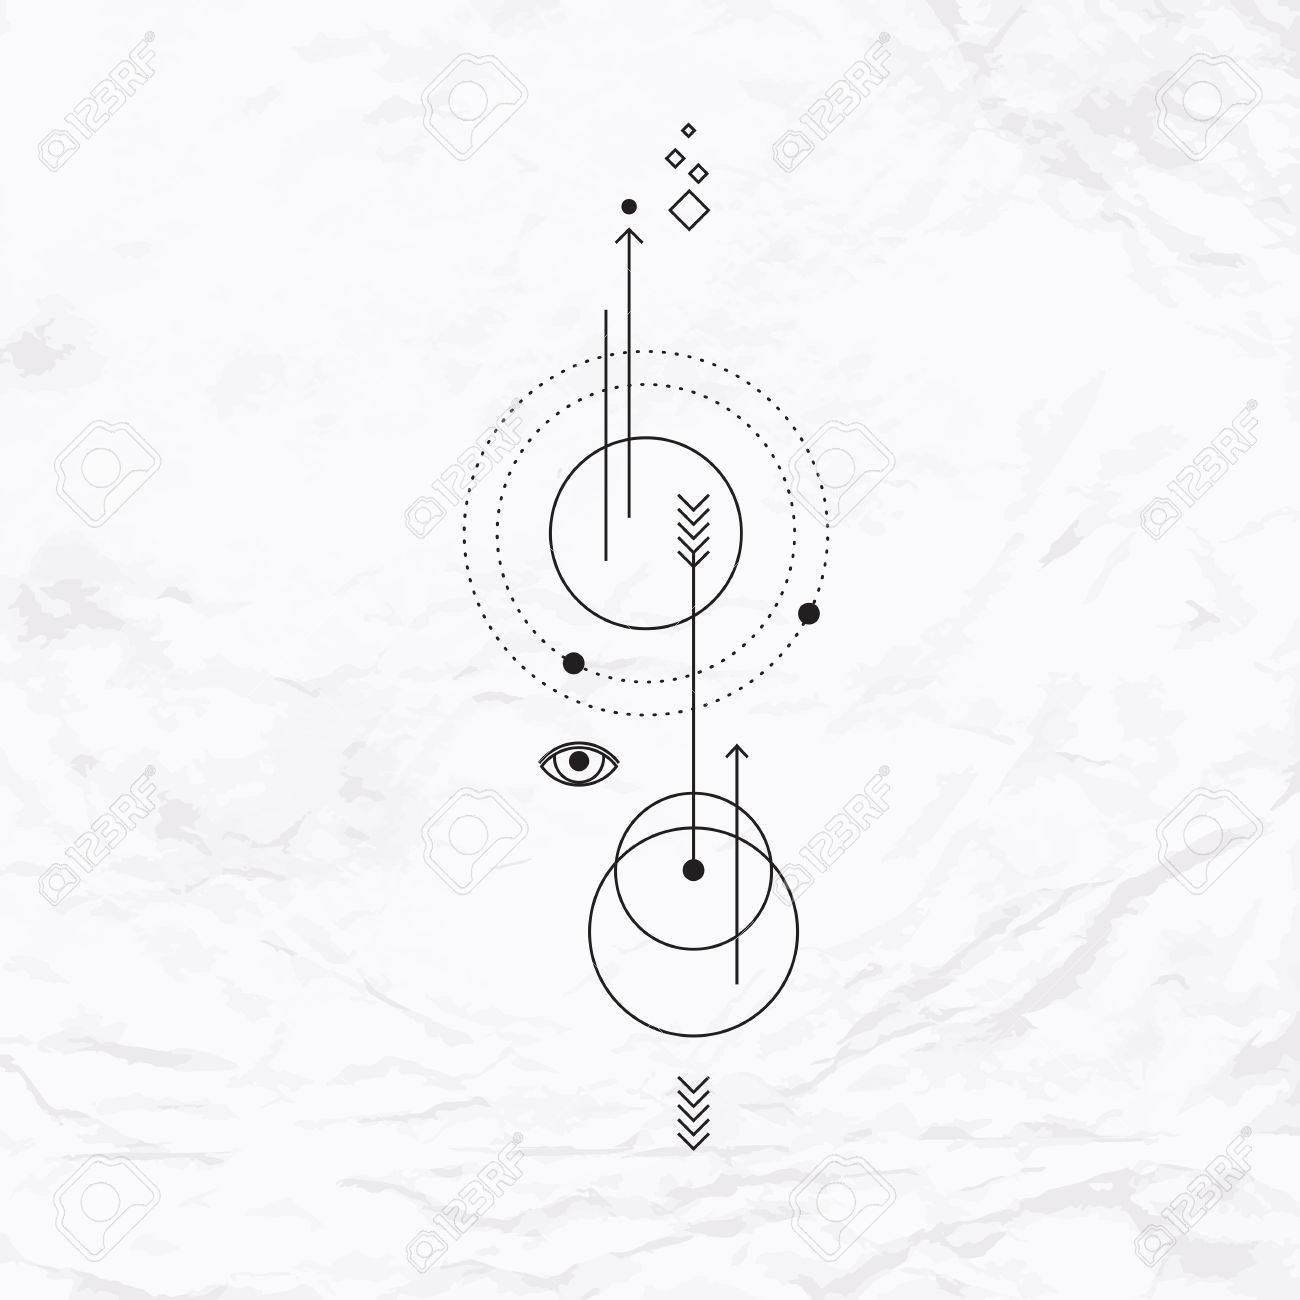 Signo Místico Abstracto Con Formas Geométricas Galones Flechas